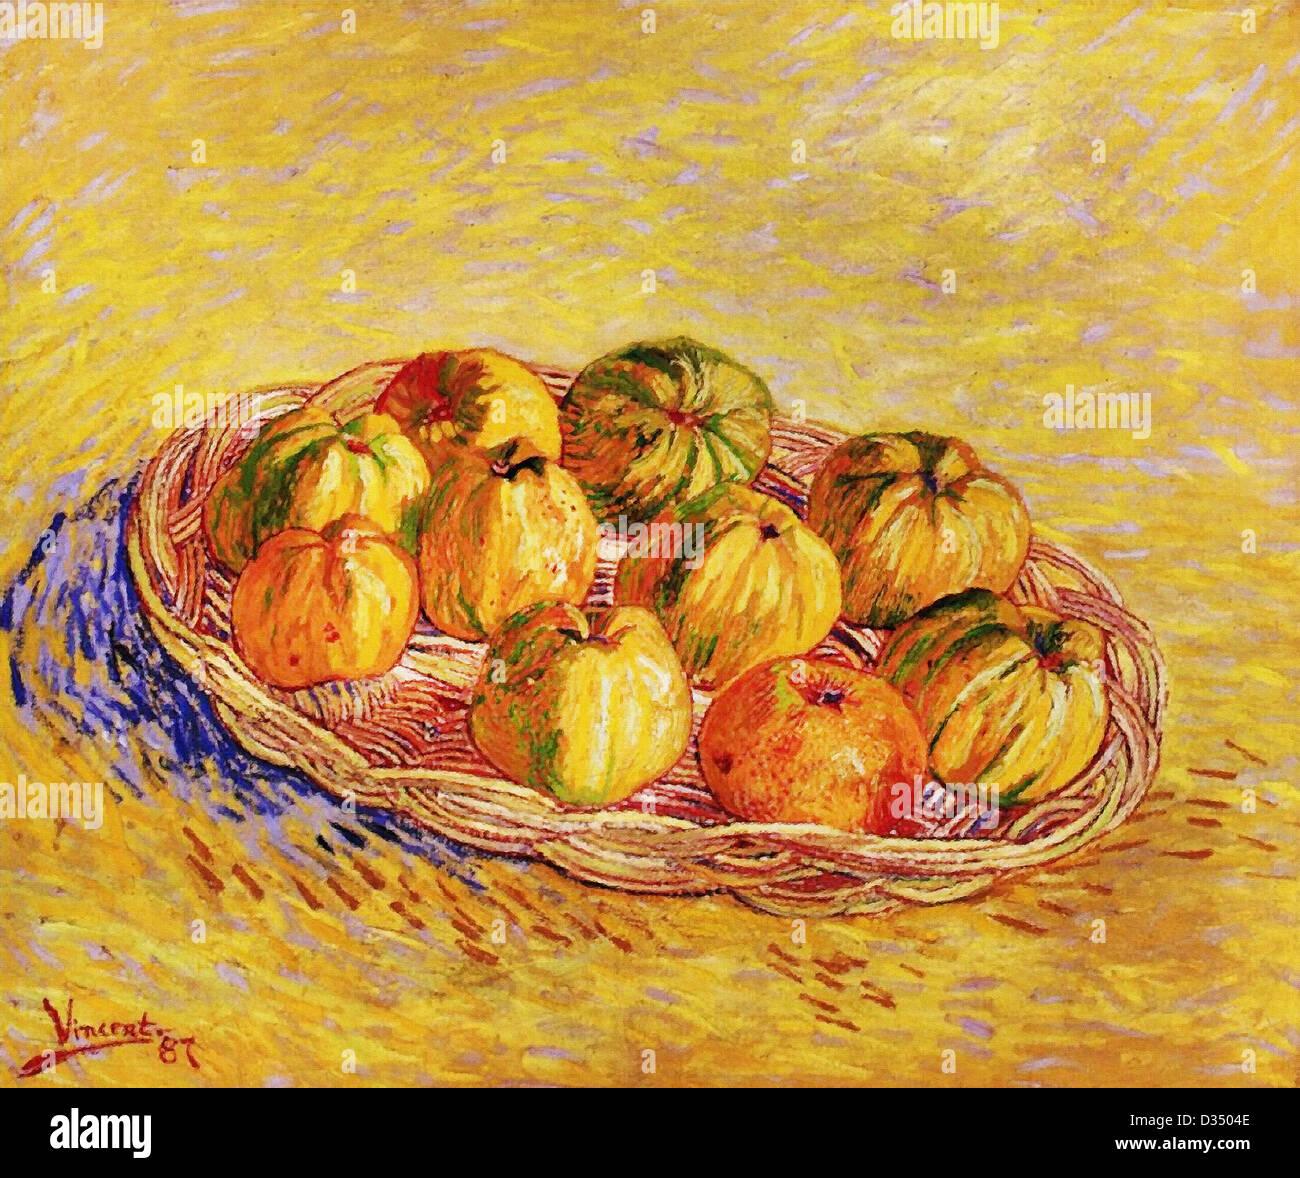 Vincent Van Gogh, Stillleben mit Korb von Äpfeln. 1887. Post-Impressionismus. Öl auf Leinwand. Stockbild